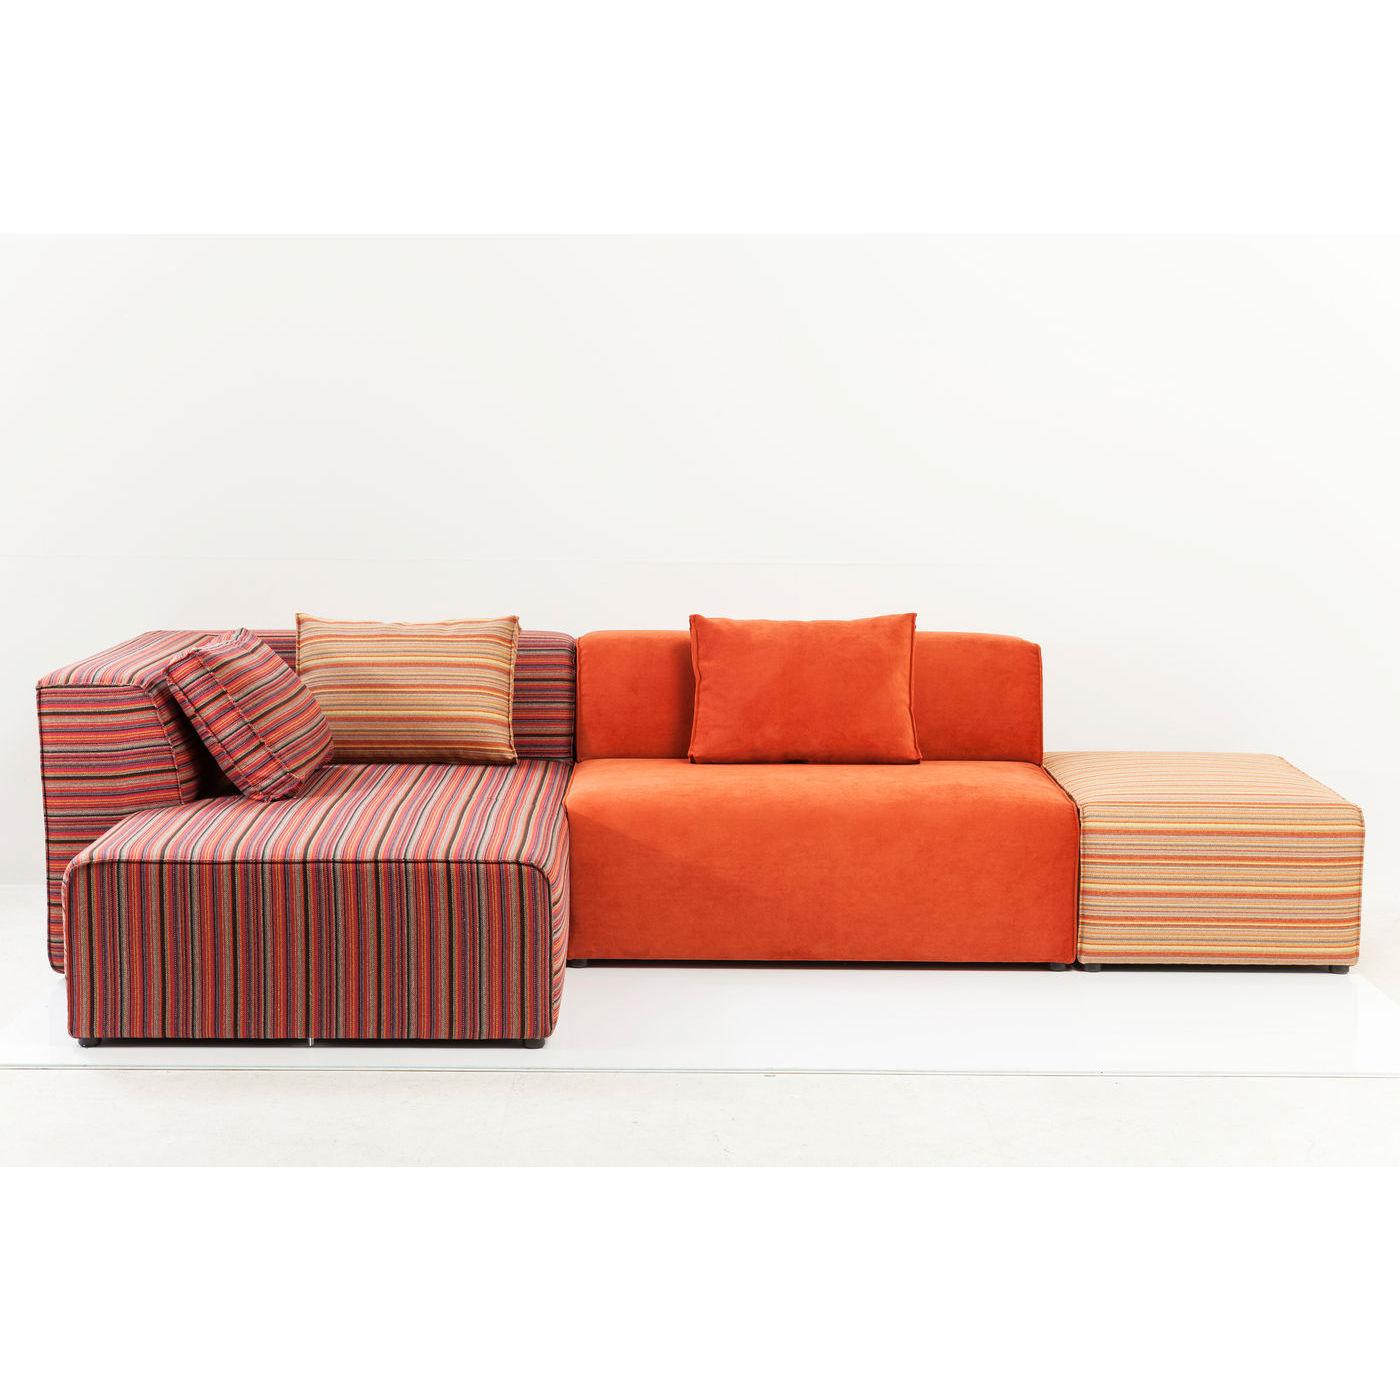 Billede af Kare Design Infinity Merci Sofa